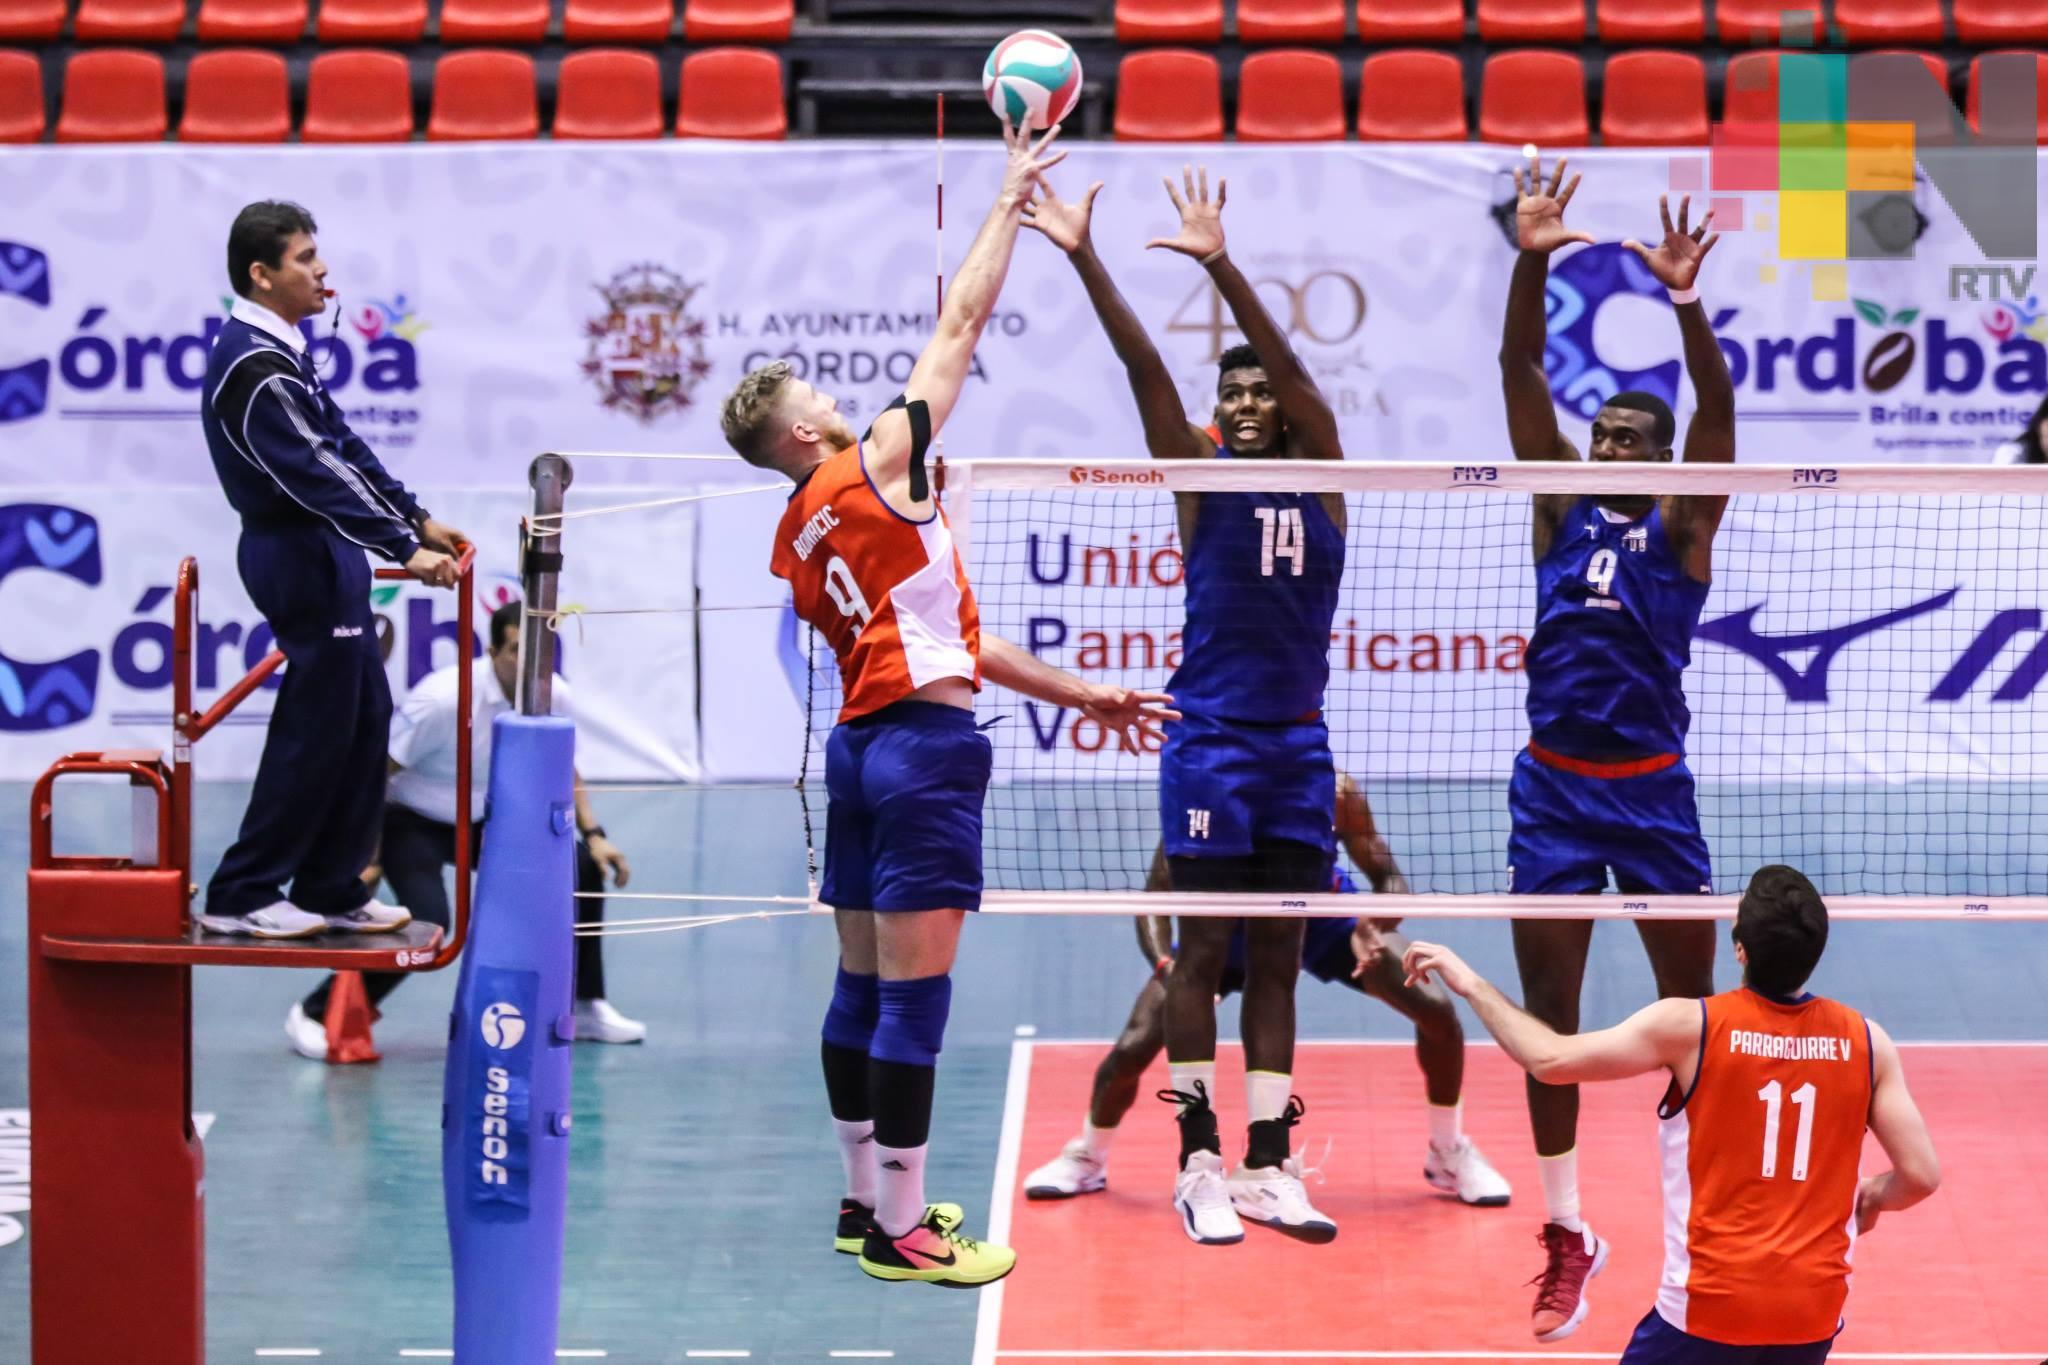 Gana Estados Unidos partido debut de la XIII Copa Panamericana de Voleibol Masculino